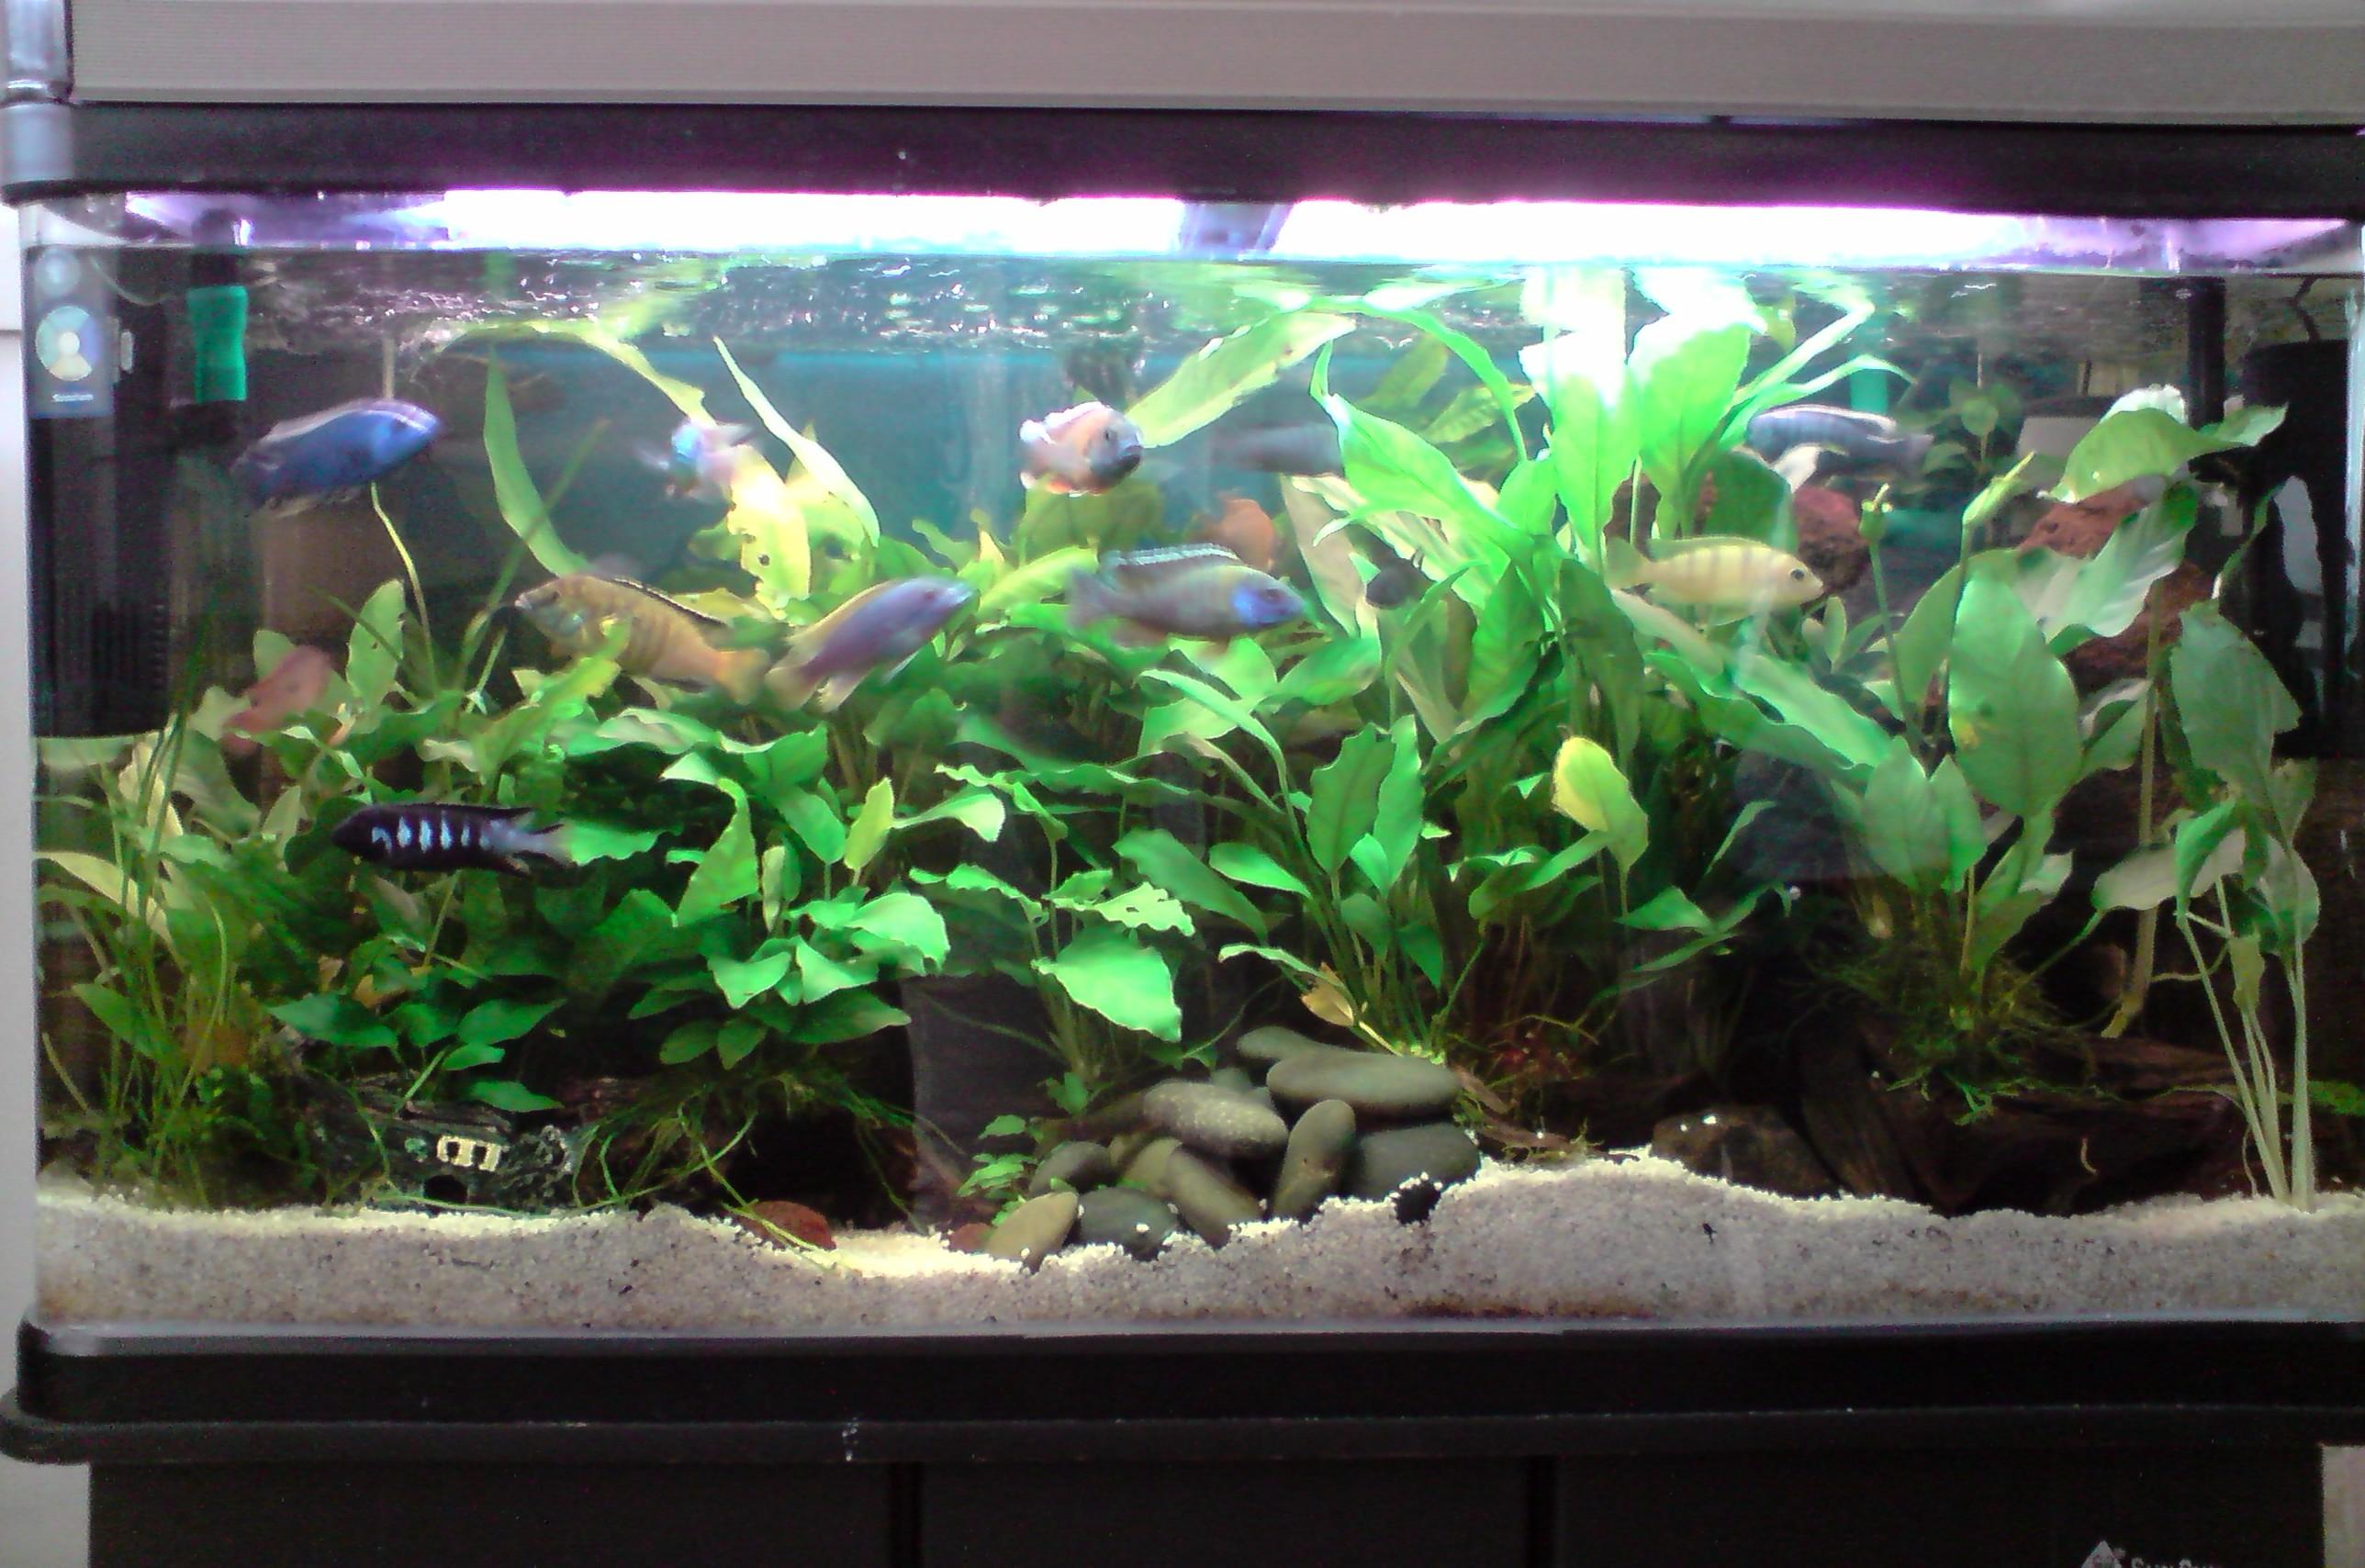 Freshwater aquarium fish brisbane - Description